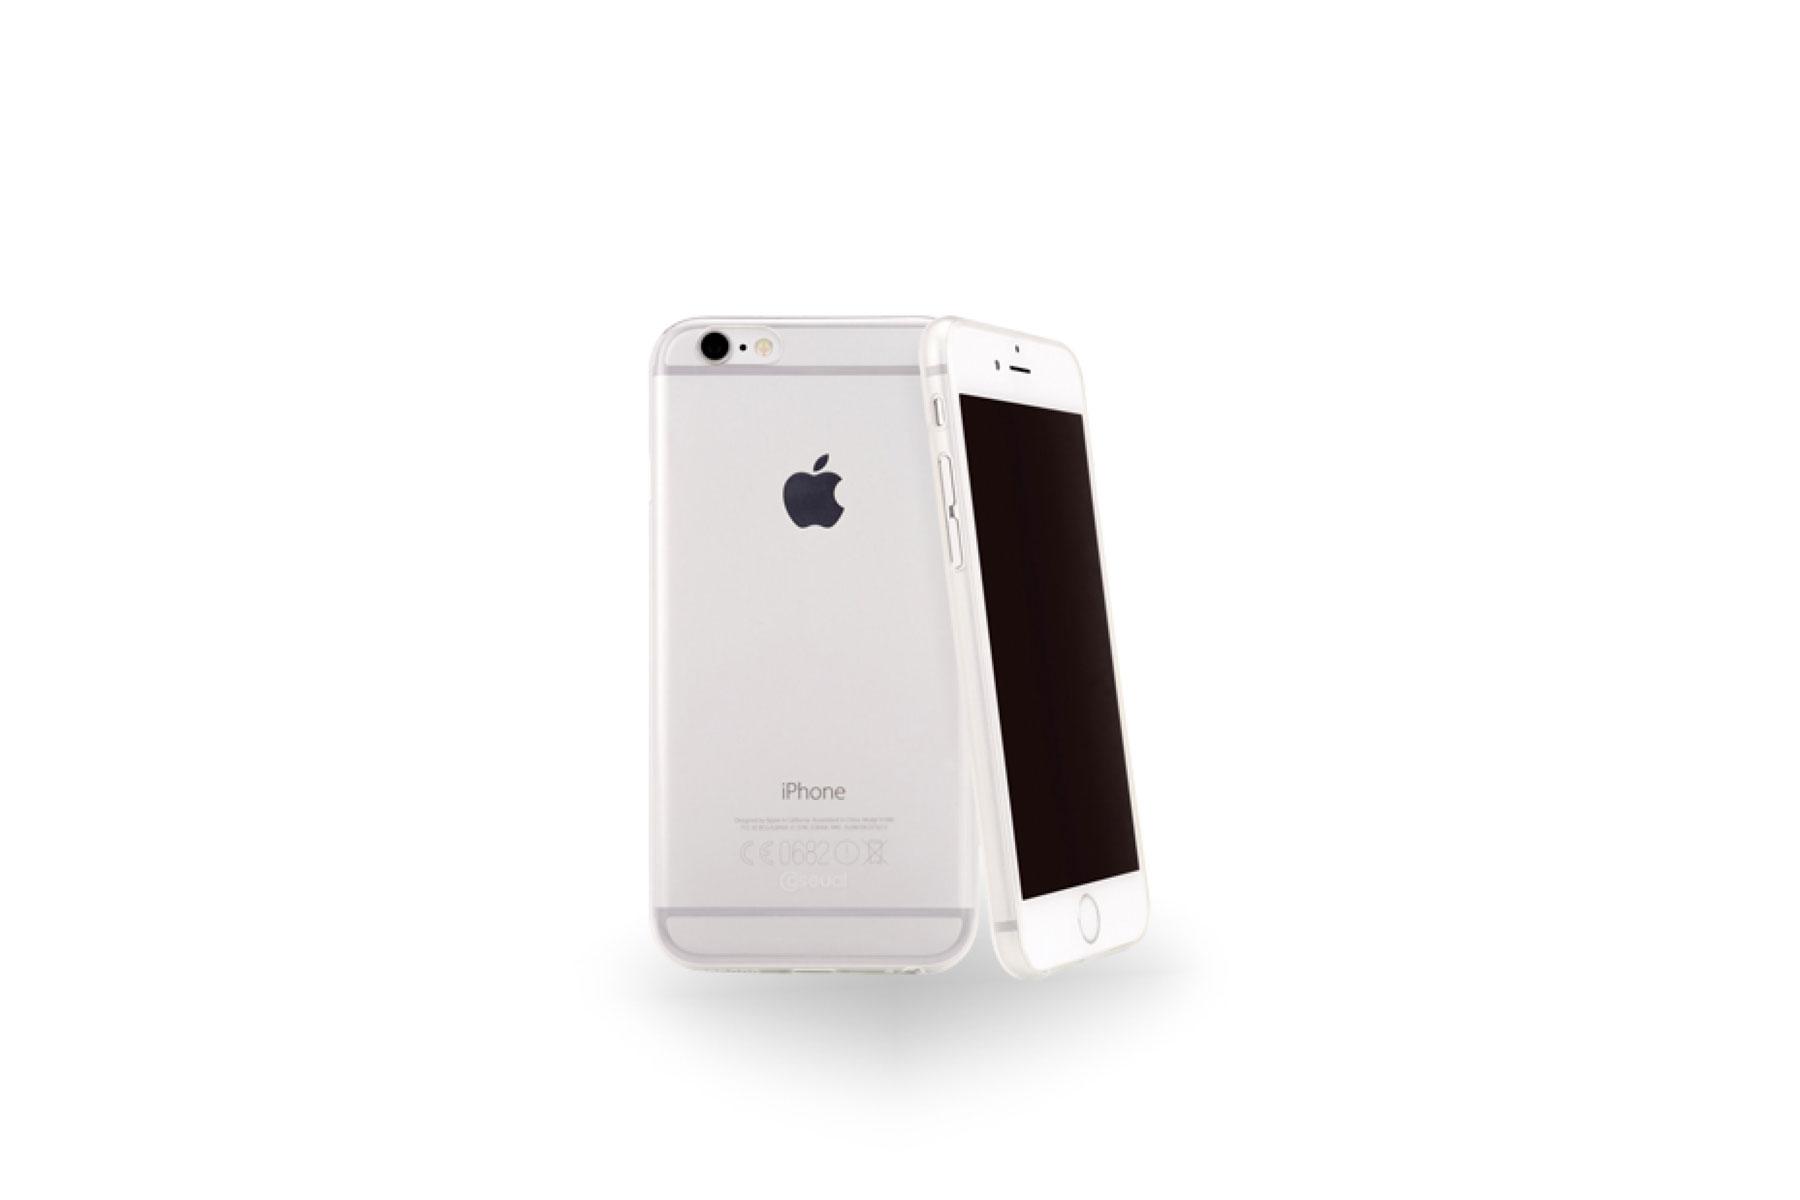 Fototaschen - Smartphonecases